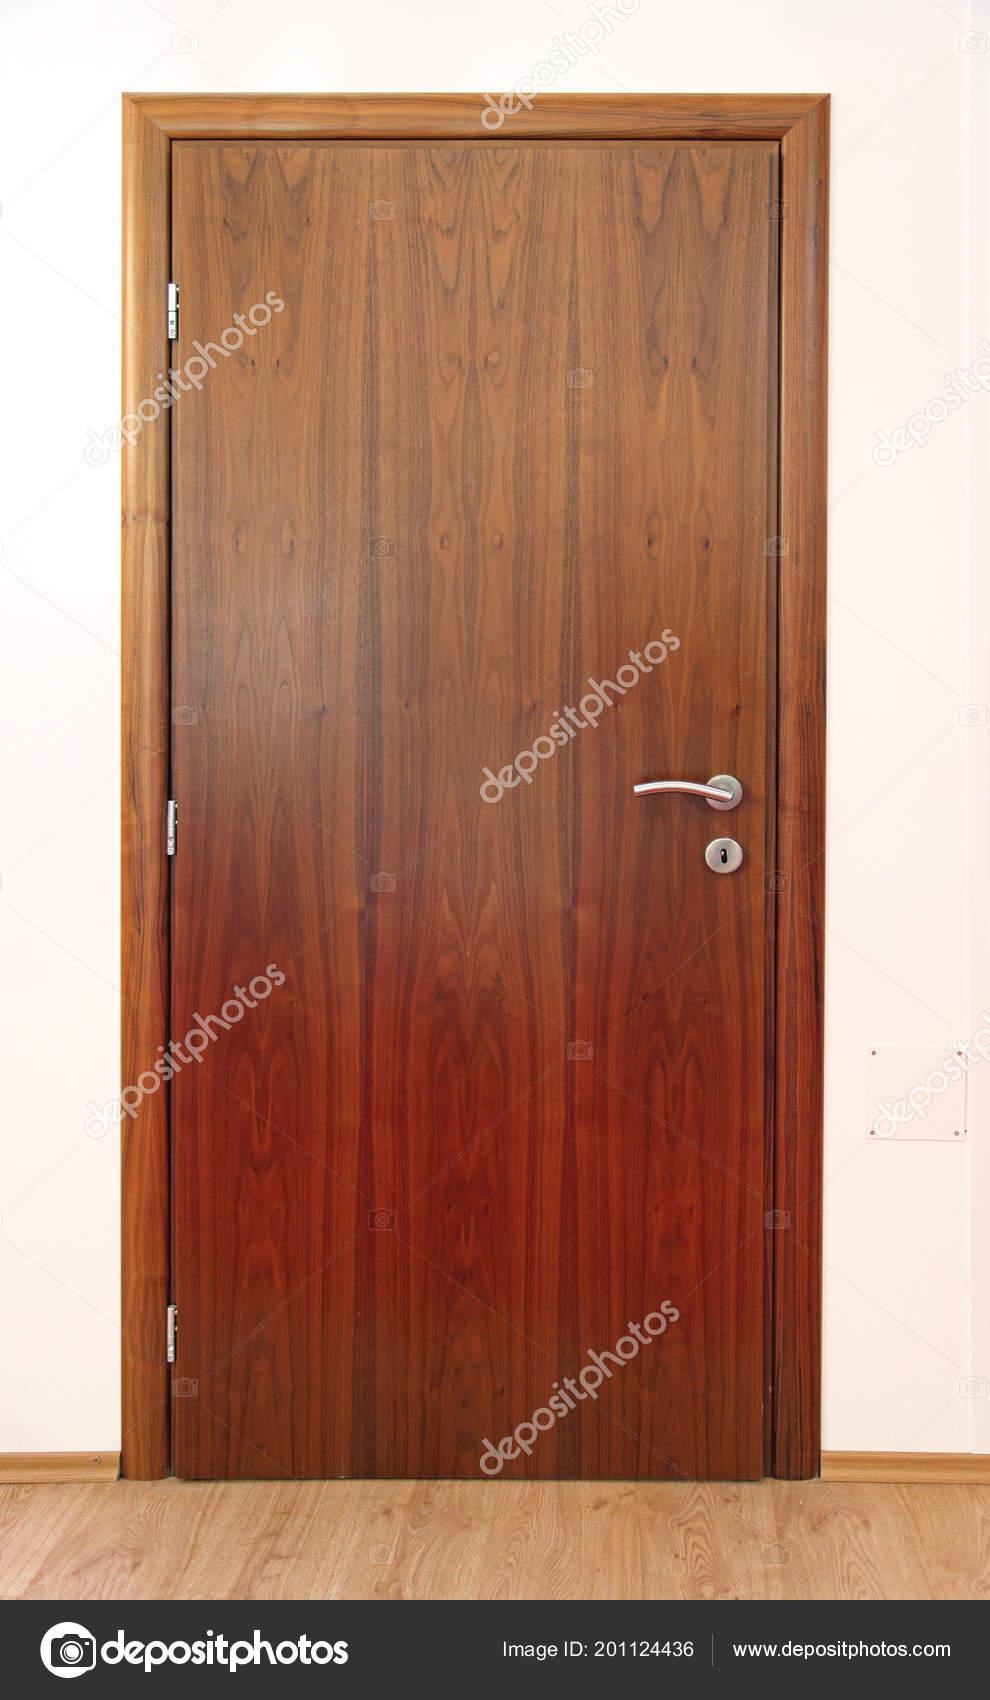 Wood Paneling Door Design Wooden Panel Door New Home Interior Stock Photo C Baloncici 201124436